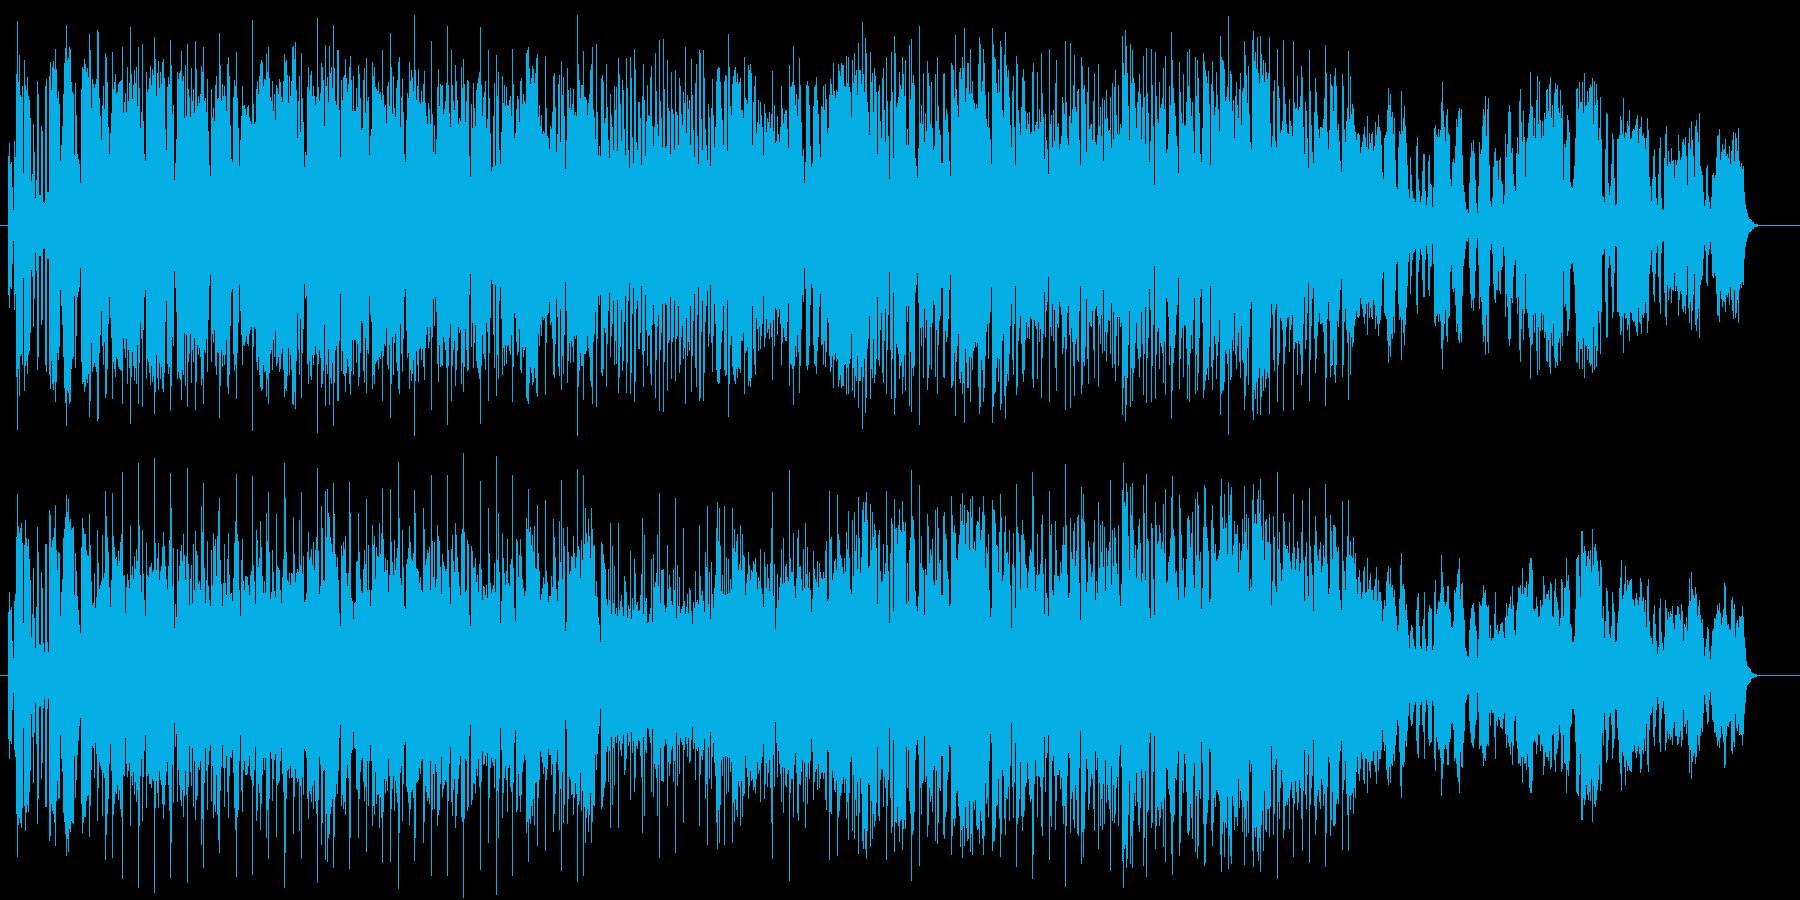 マーチ風の軽快なポップスの再生済みの波形